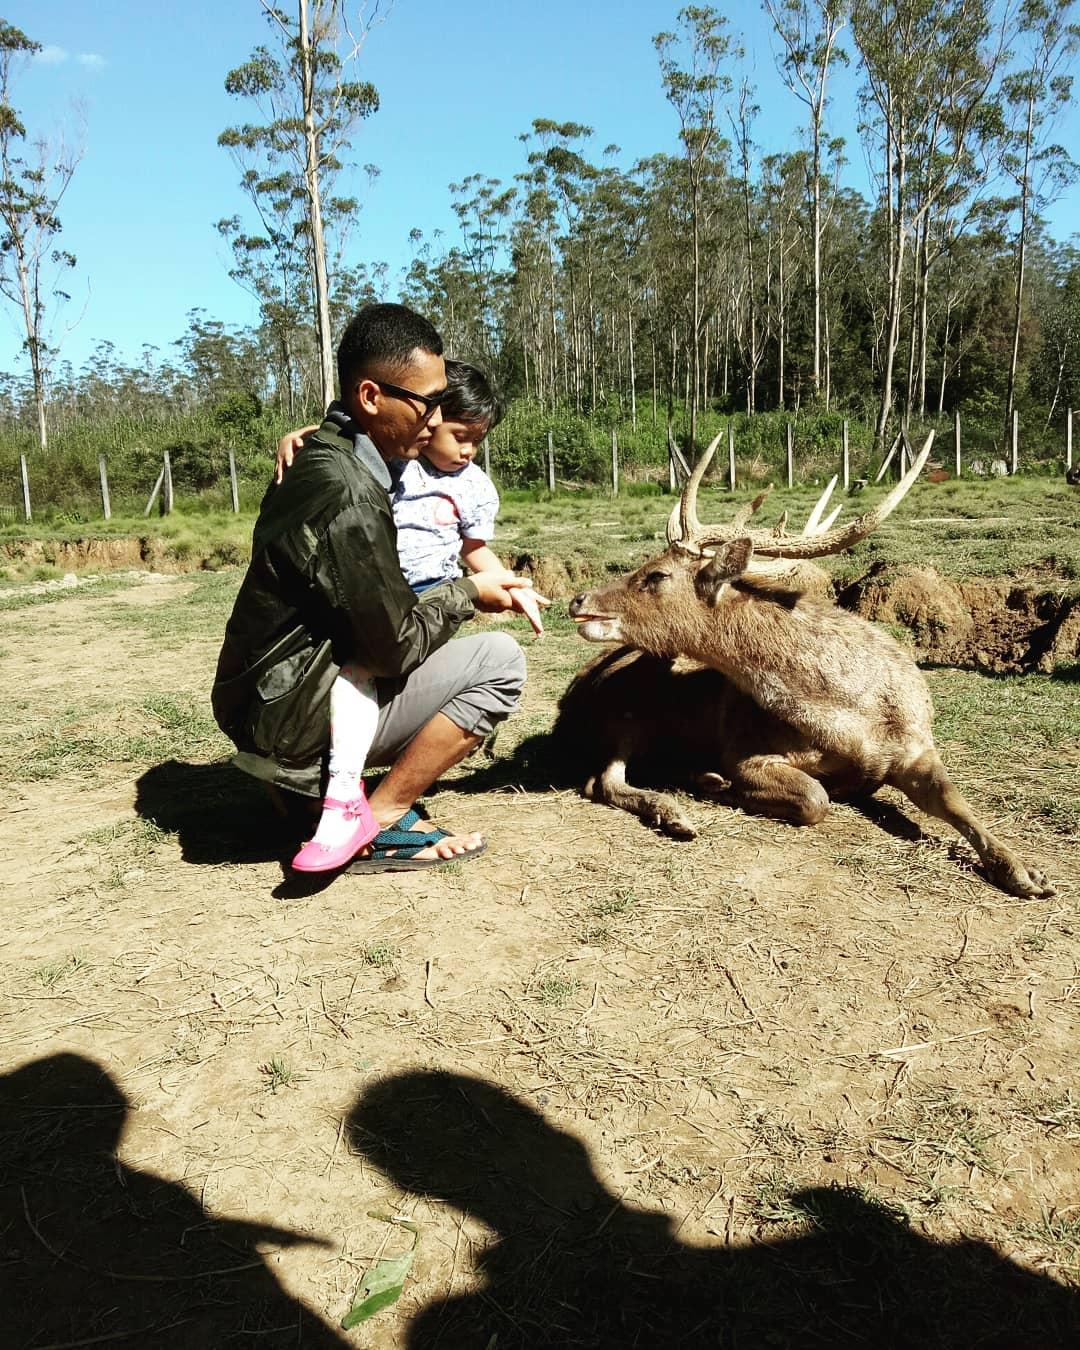 9 Tempat Wisata Keluarga dan Anak di Bogor 26